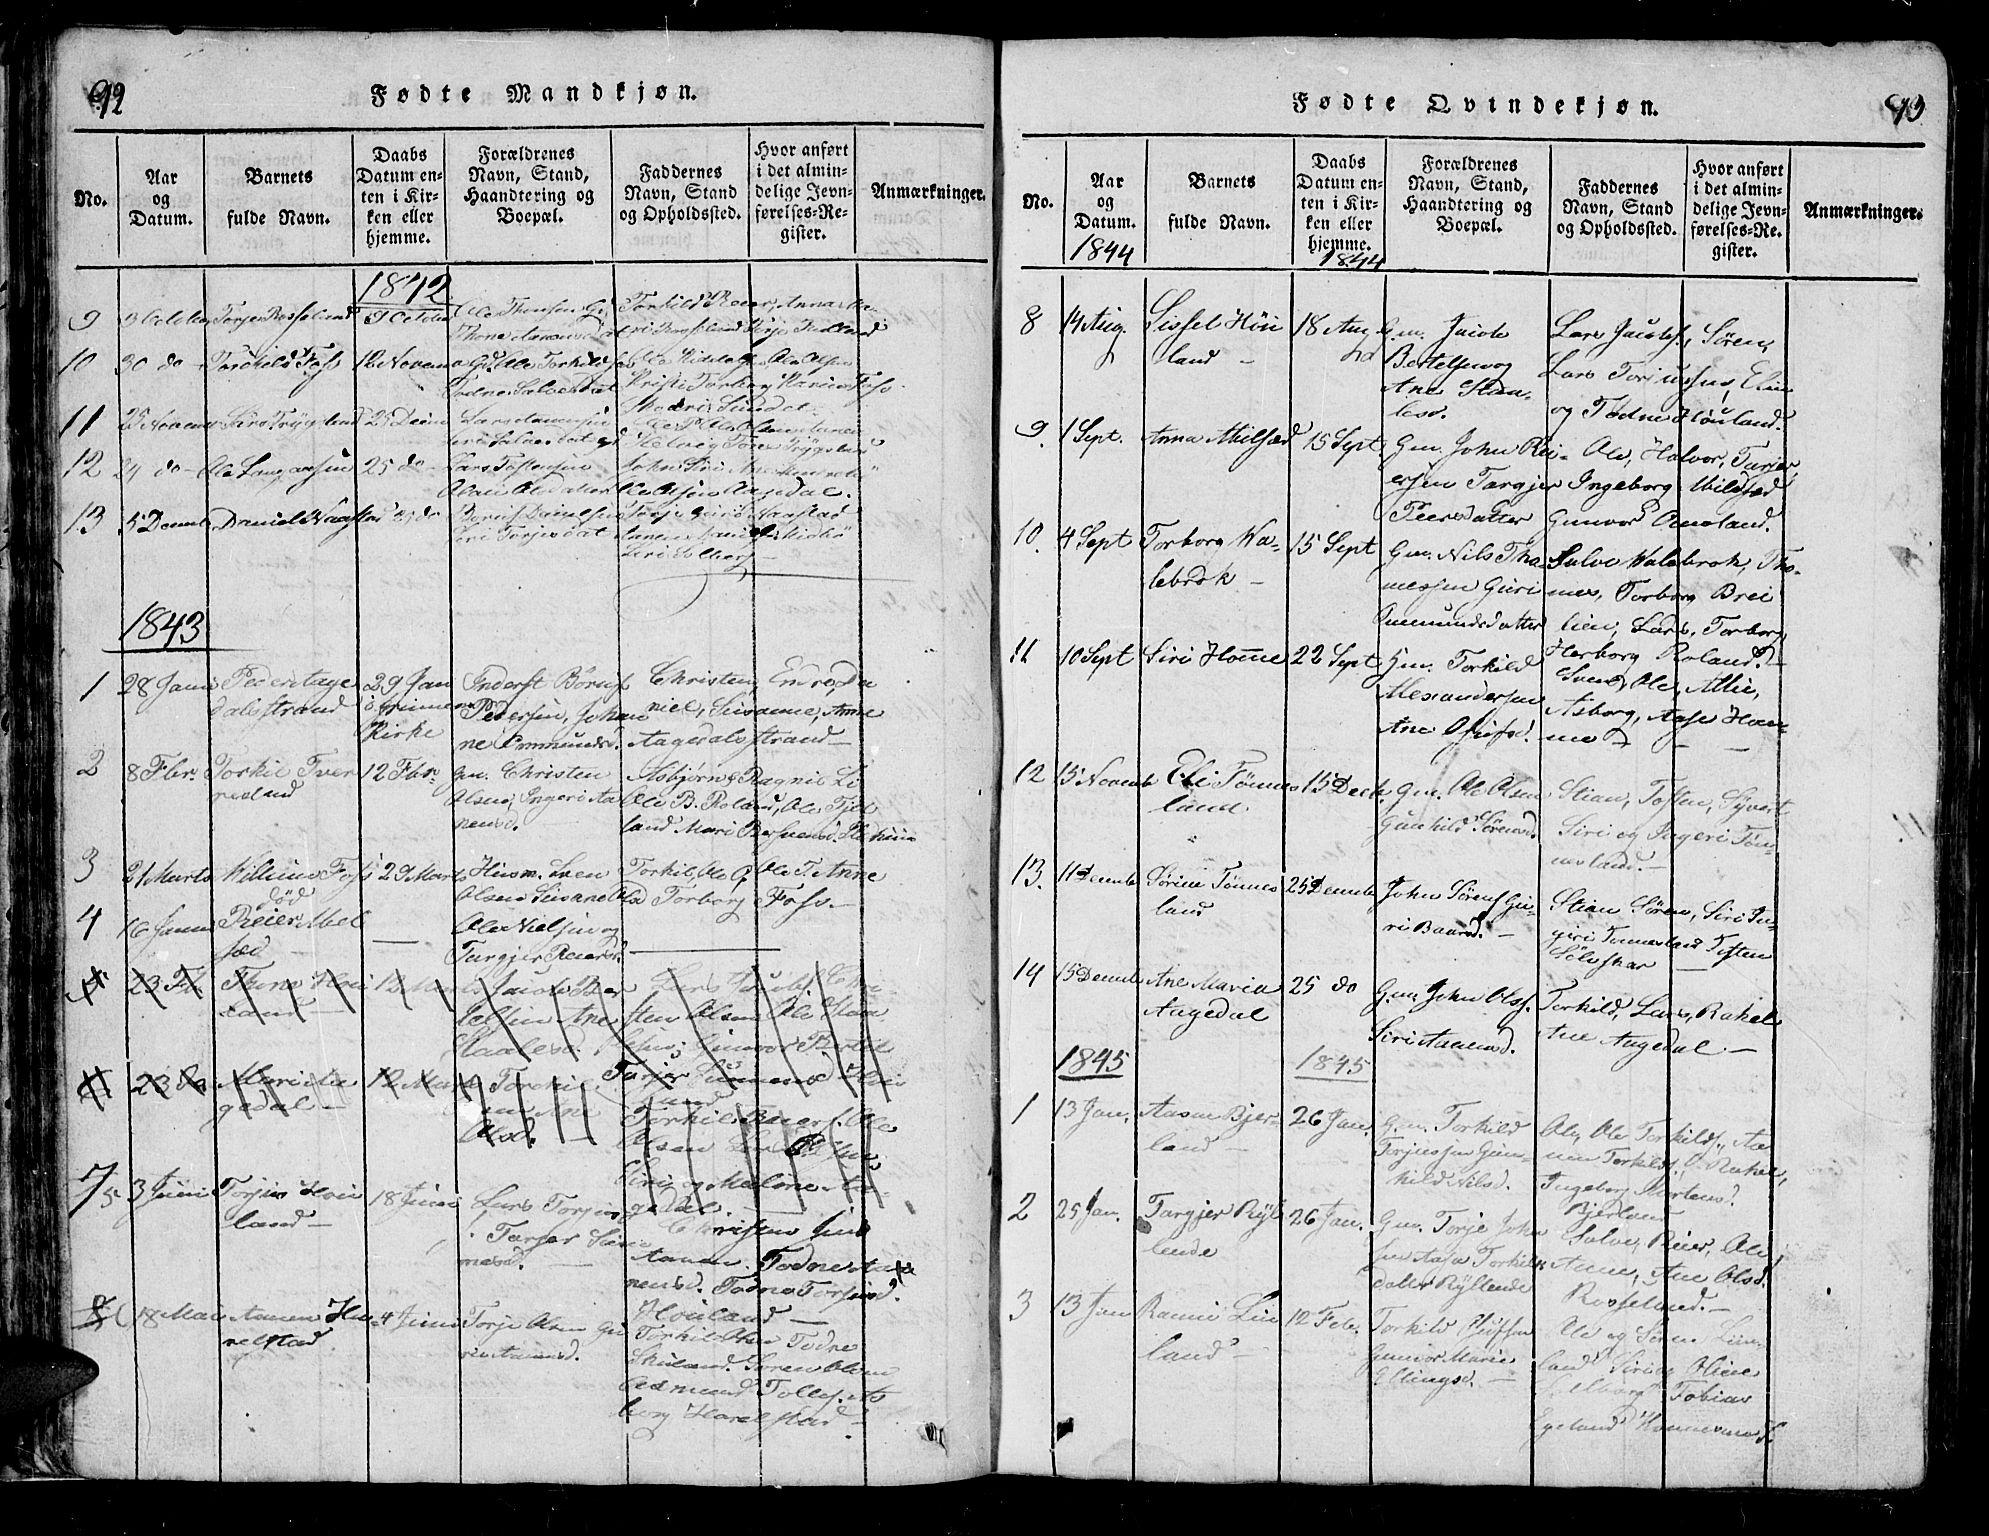 SAK, Bjelland sokneprestkontor, F/Fb/Fba/L0003: Klokkerbok nr. B 3, 1816-1870, s. 92-93